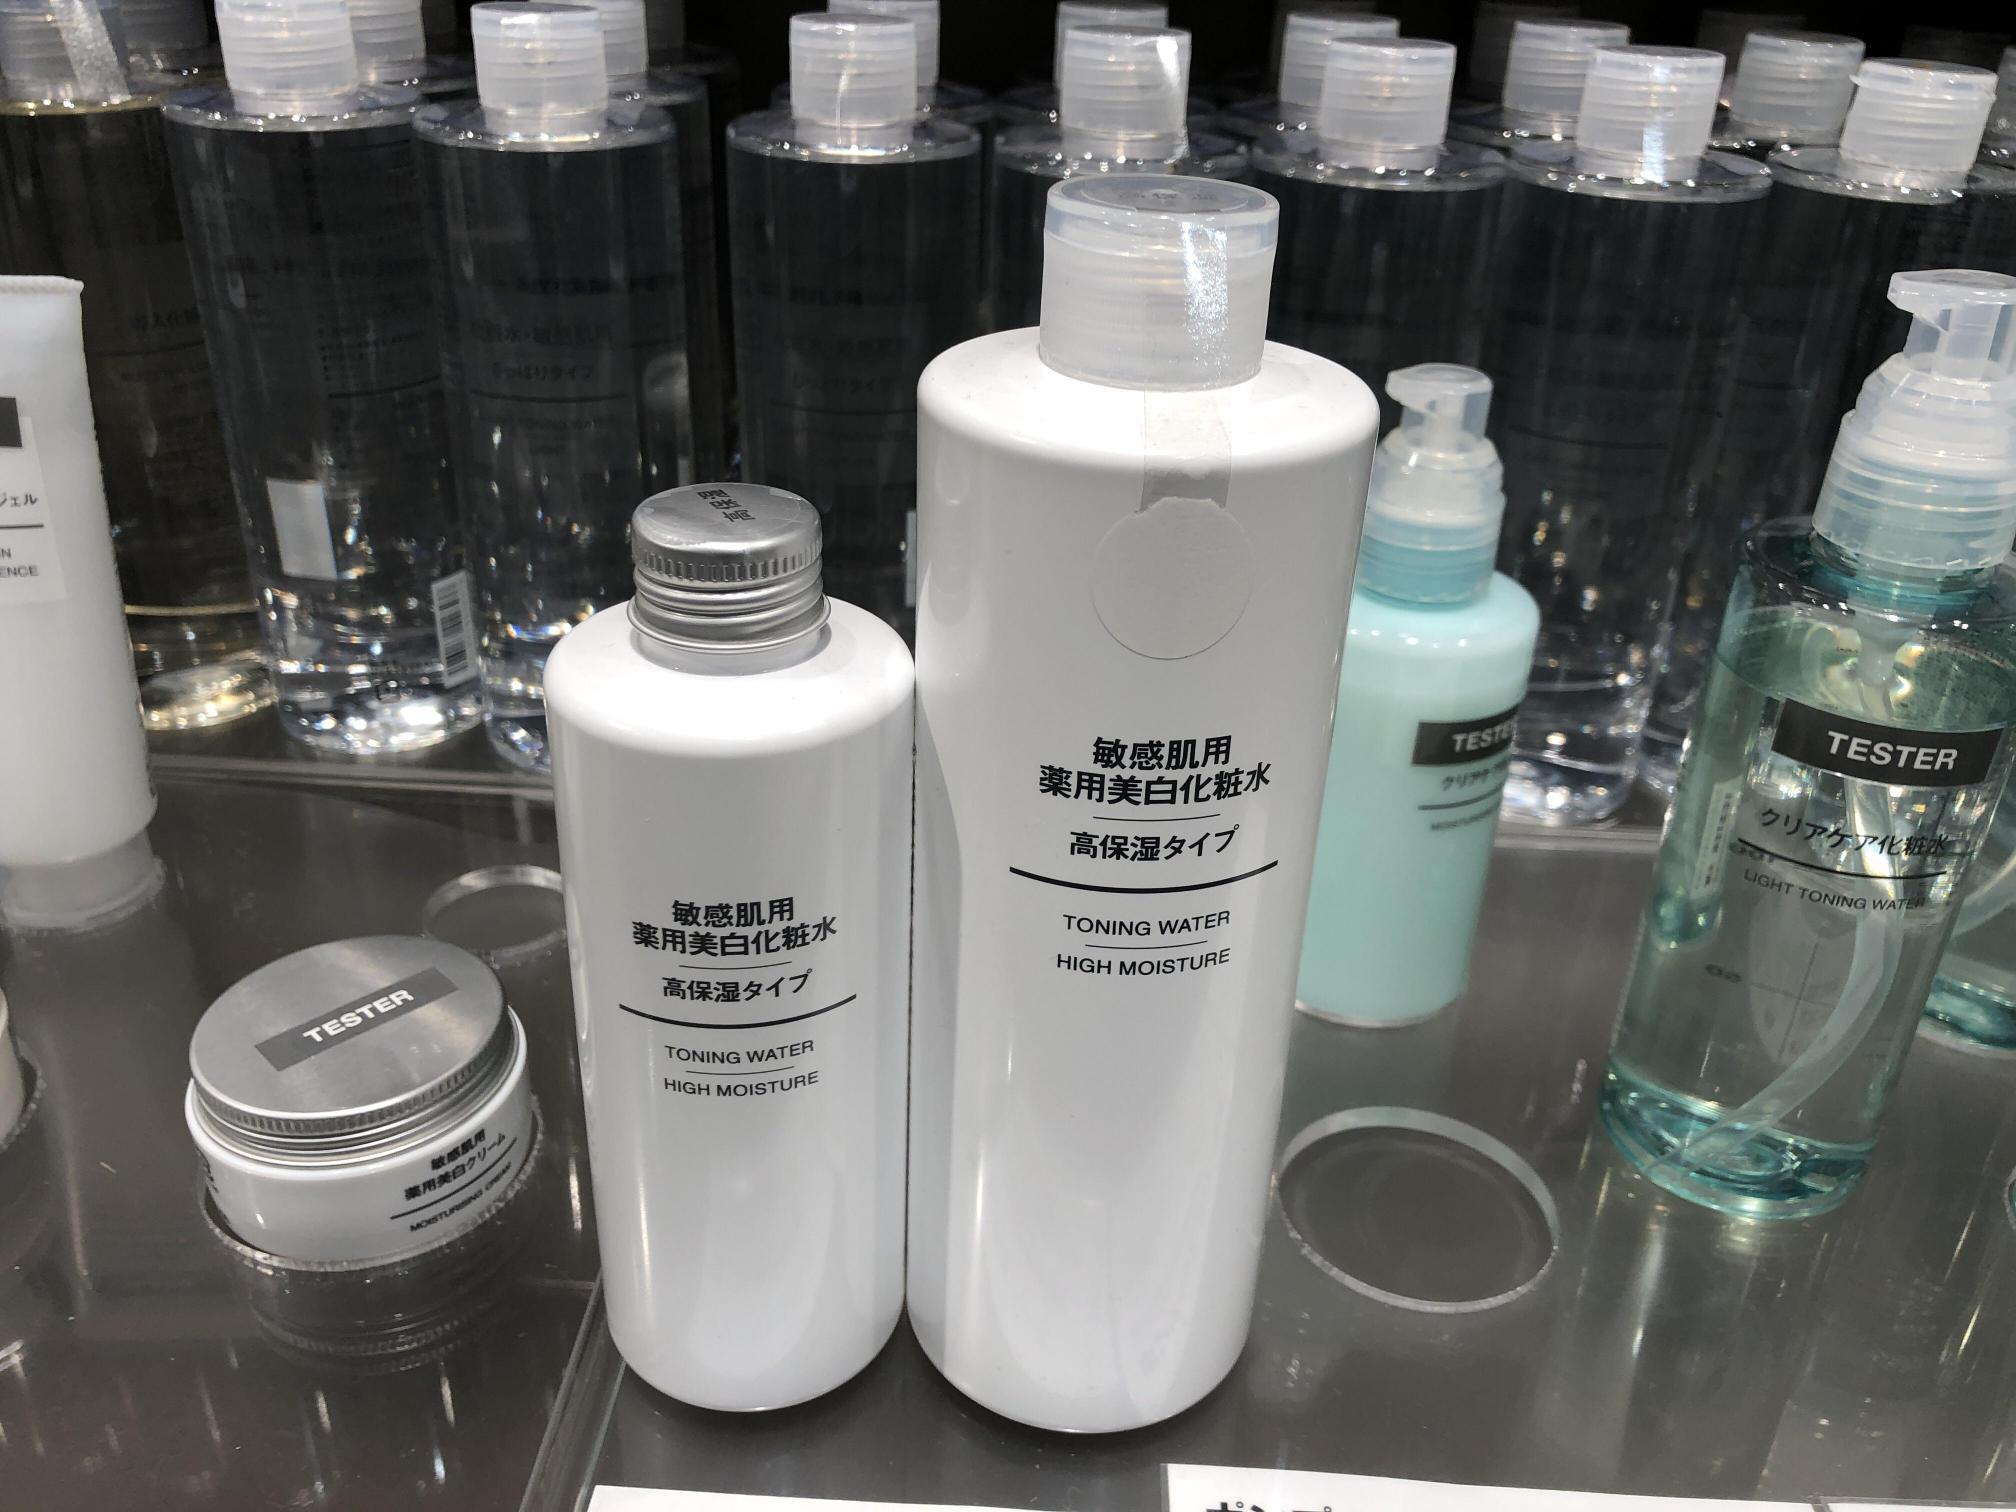 代购:无印良品 高保湿药用美白化妆水...